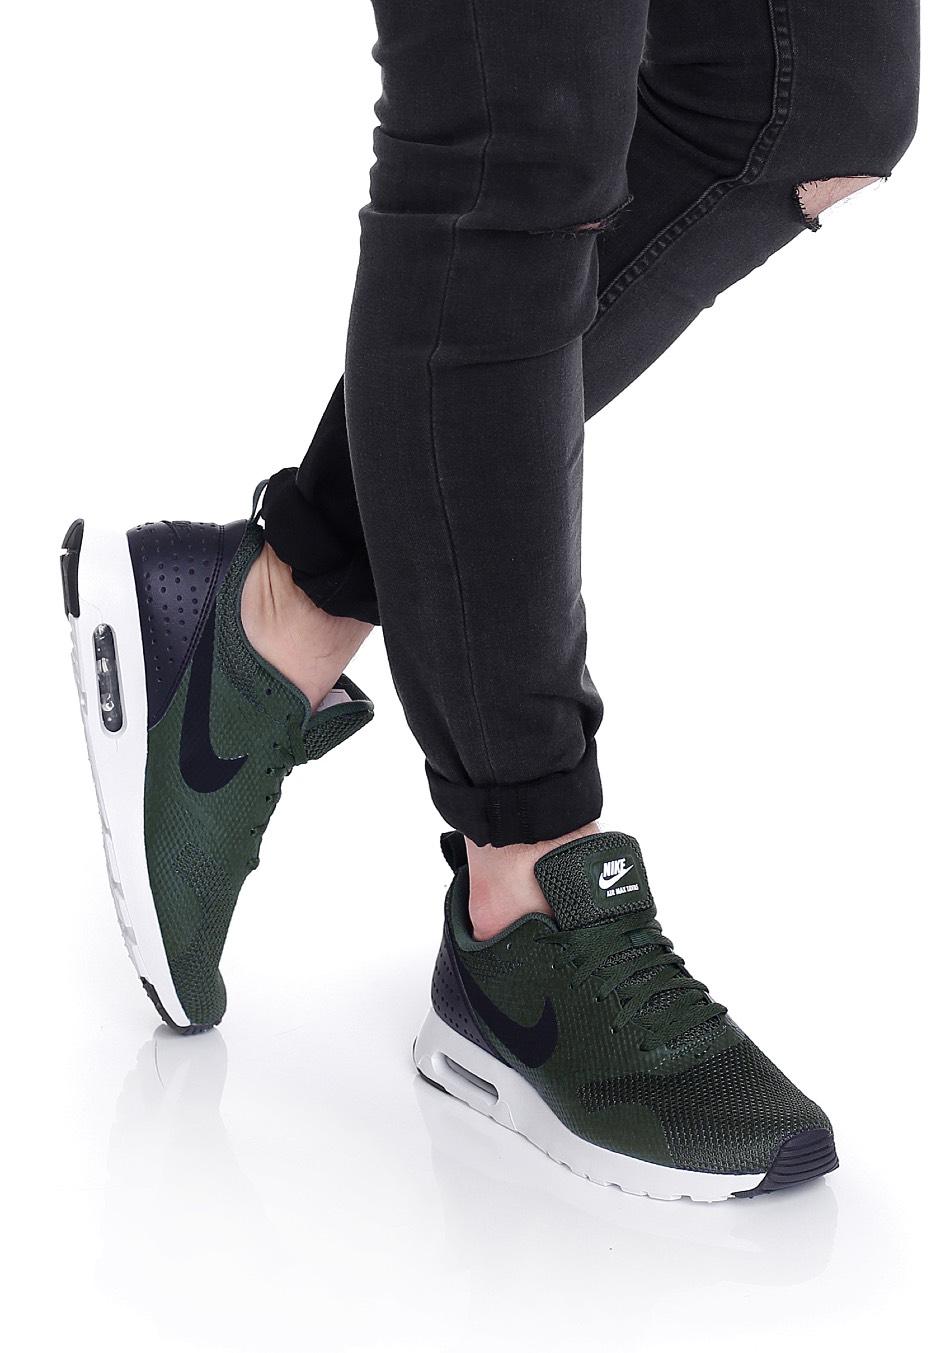 df381e99babb ... hot nike air max tavas grove green black white shoes b4d14 fd5c4